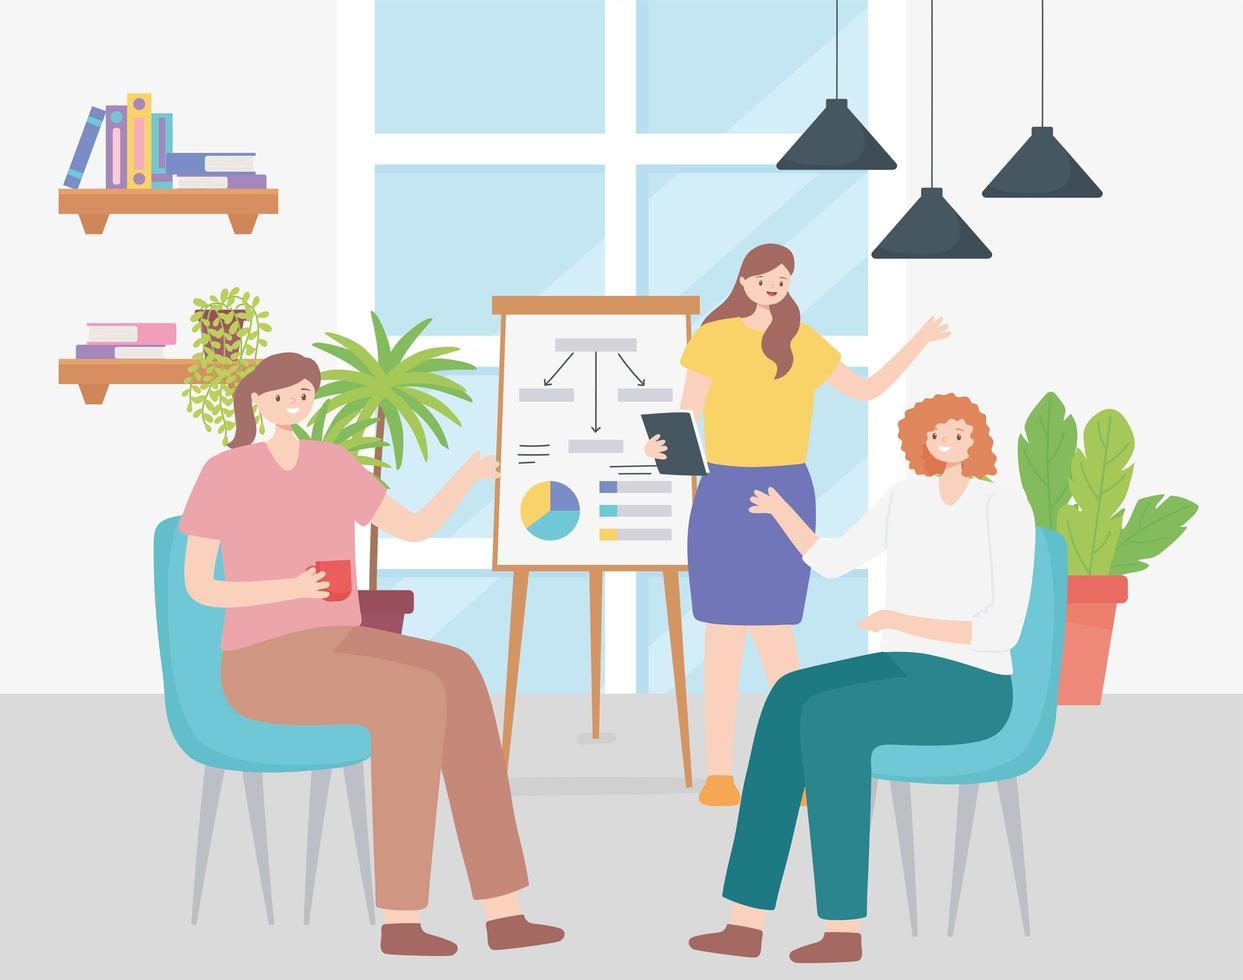 Coworking-Konzept mit einem Team weiblicher Mitarbeiter vektor